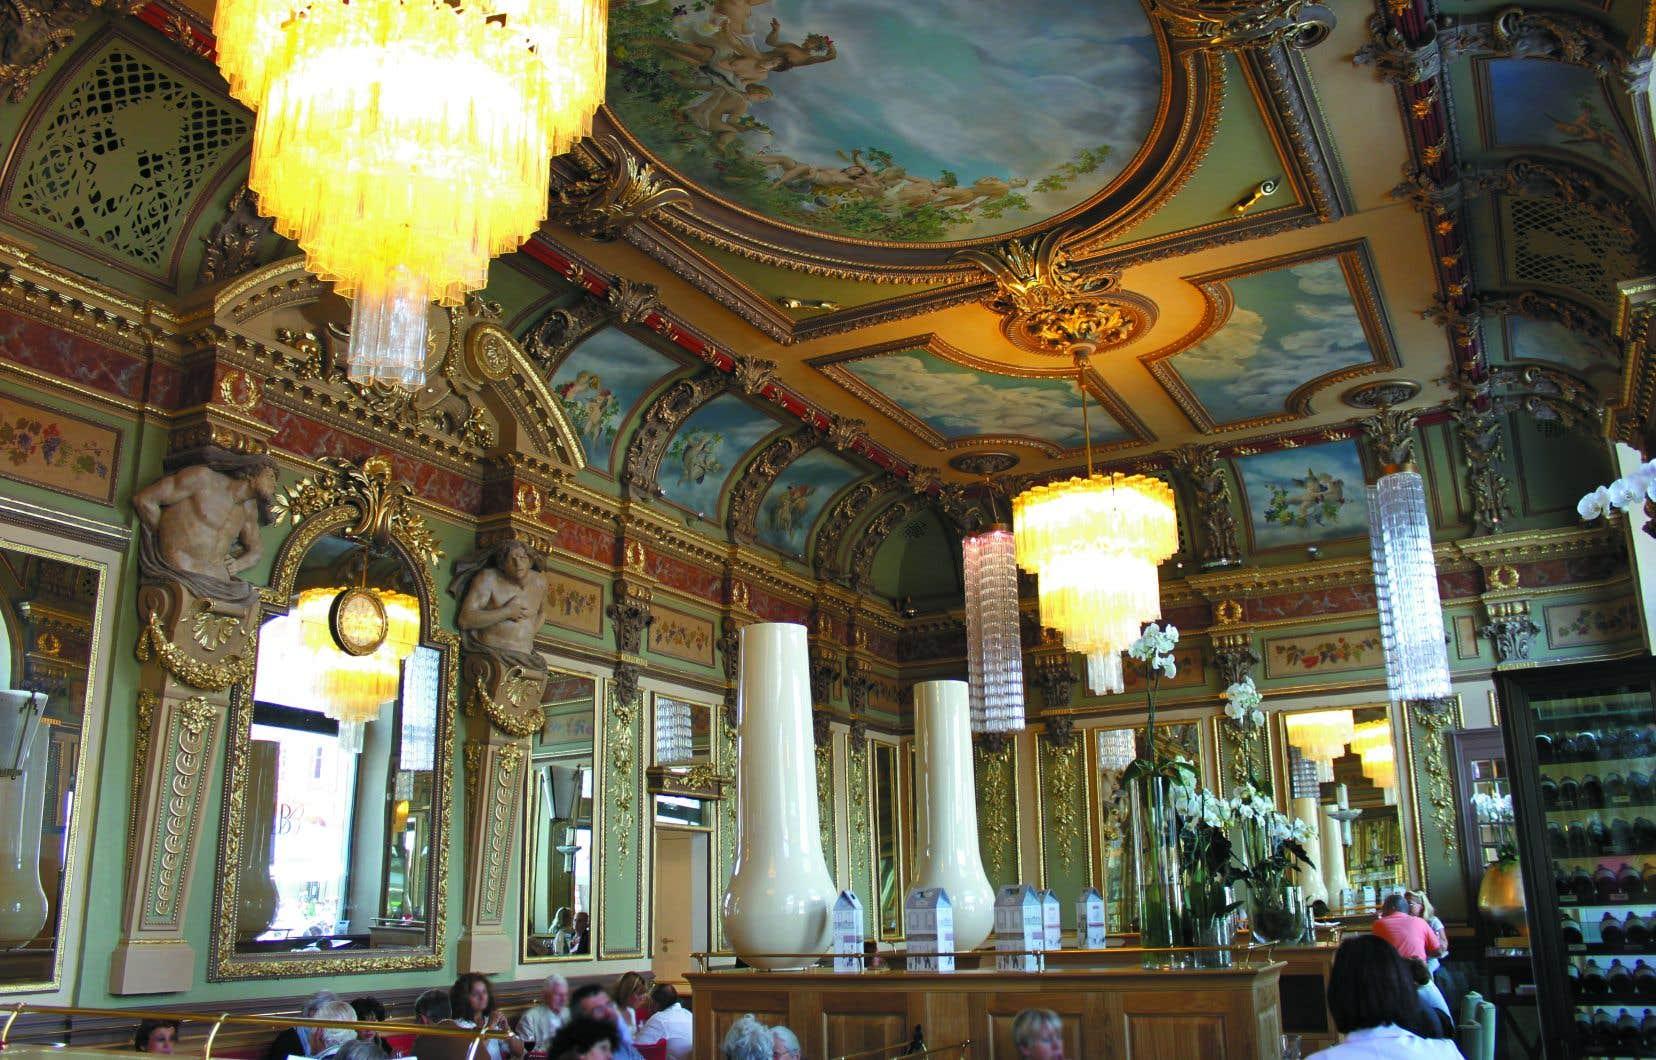 Le chef Christian Constant a rafraîchi de belle façon Le Bibent, brasserie au décor mélangeant le baroque et l'art nouveau.